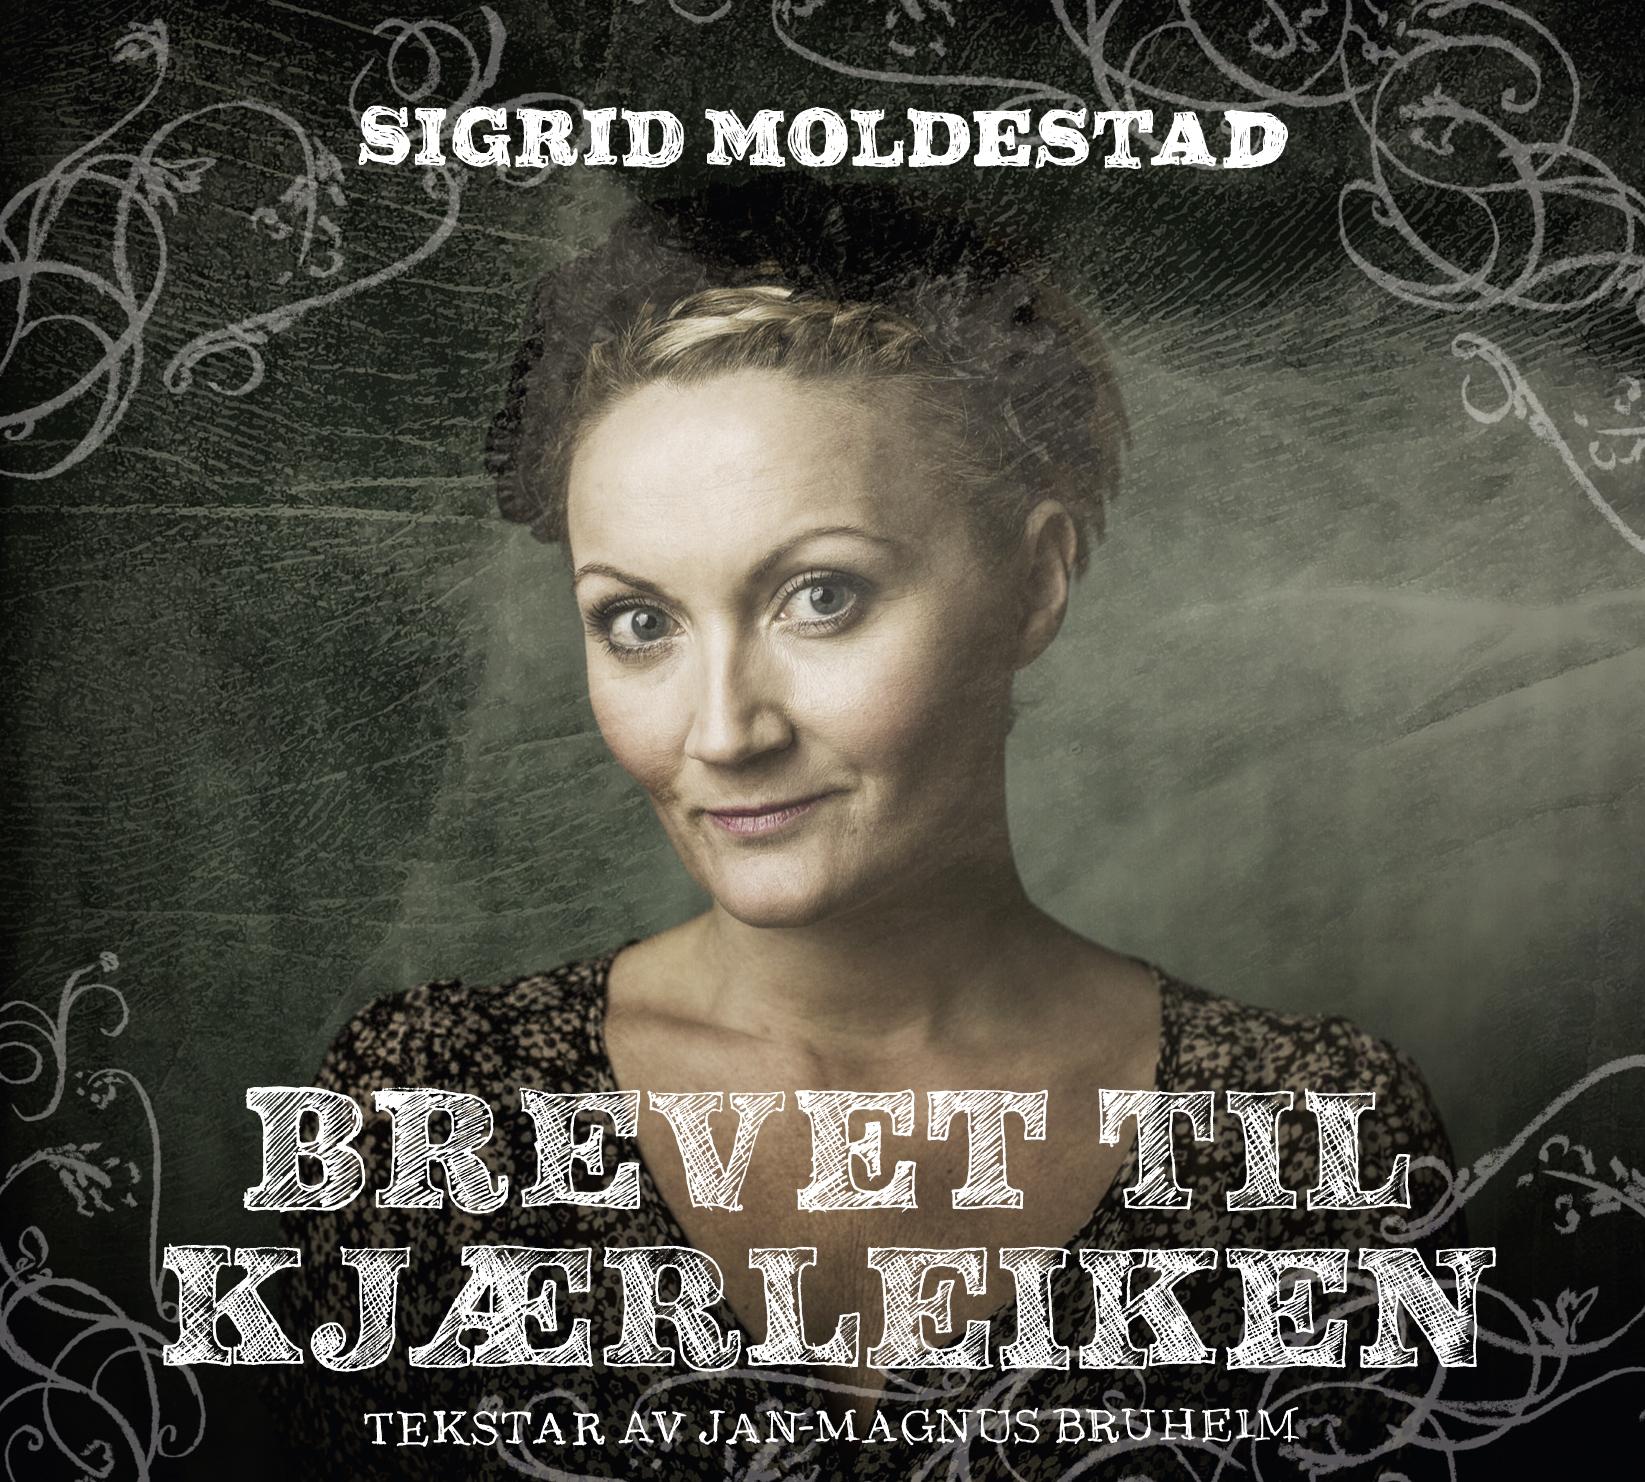 Bilete av CD-plata til Sigrid Moldestad